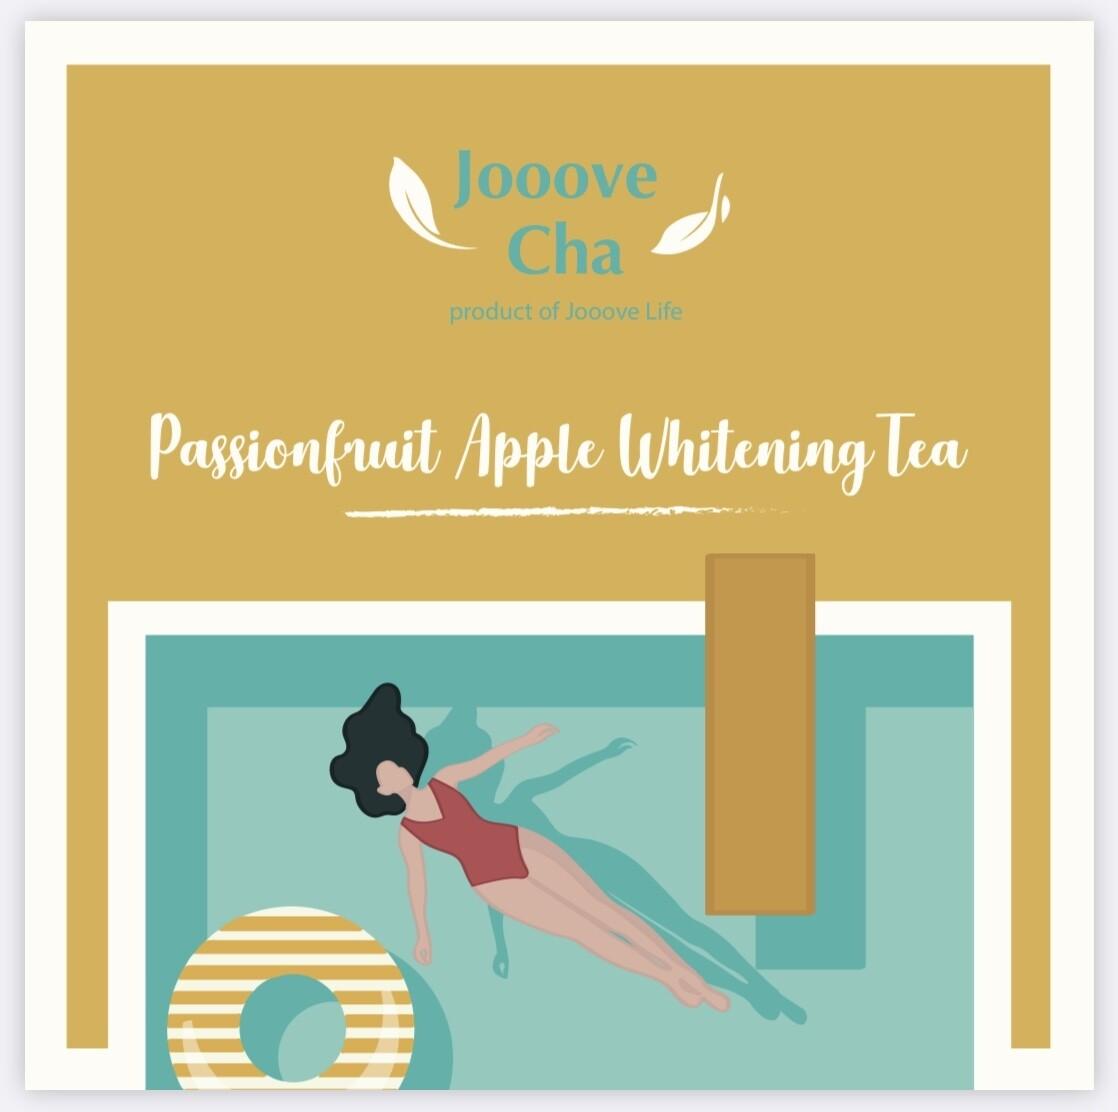 熱情果蘋果美白花茶 Passionfruit Apple Whitening Tea